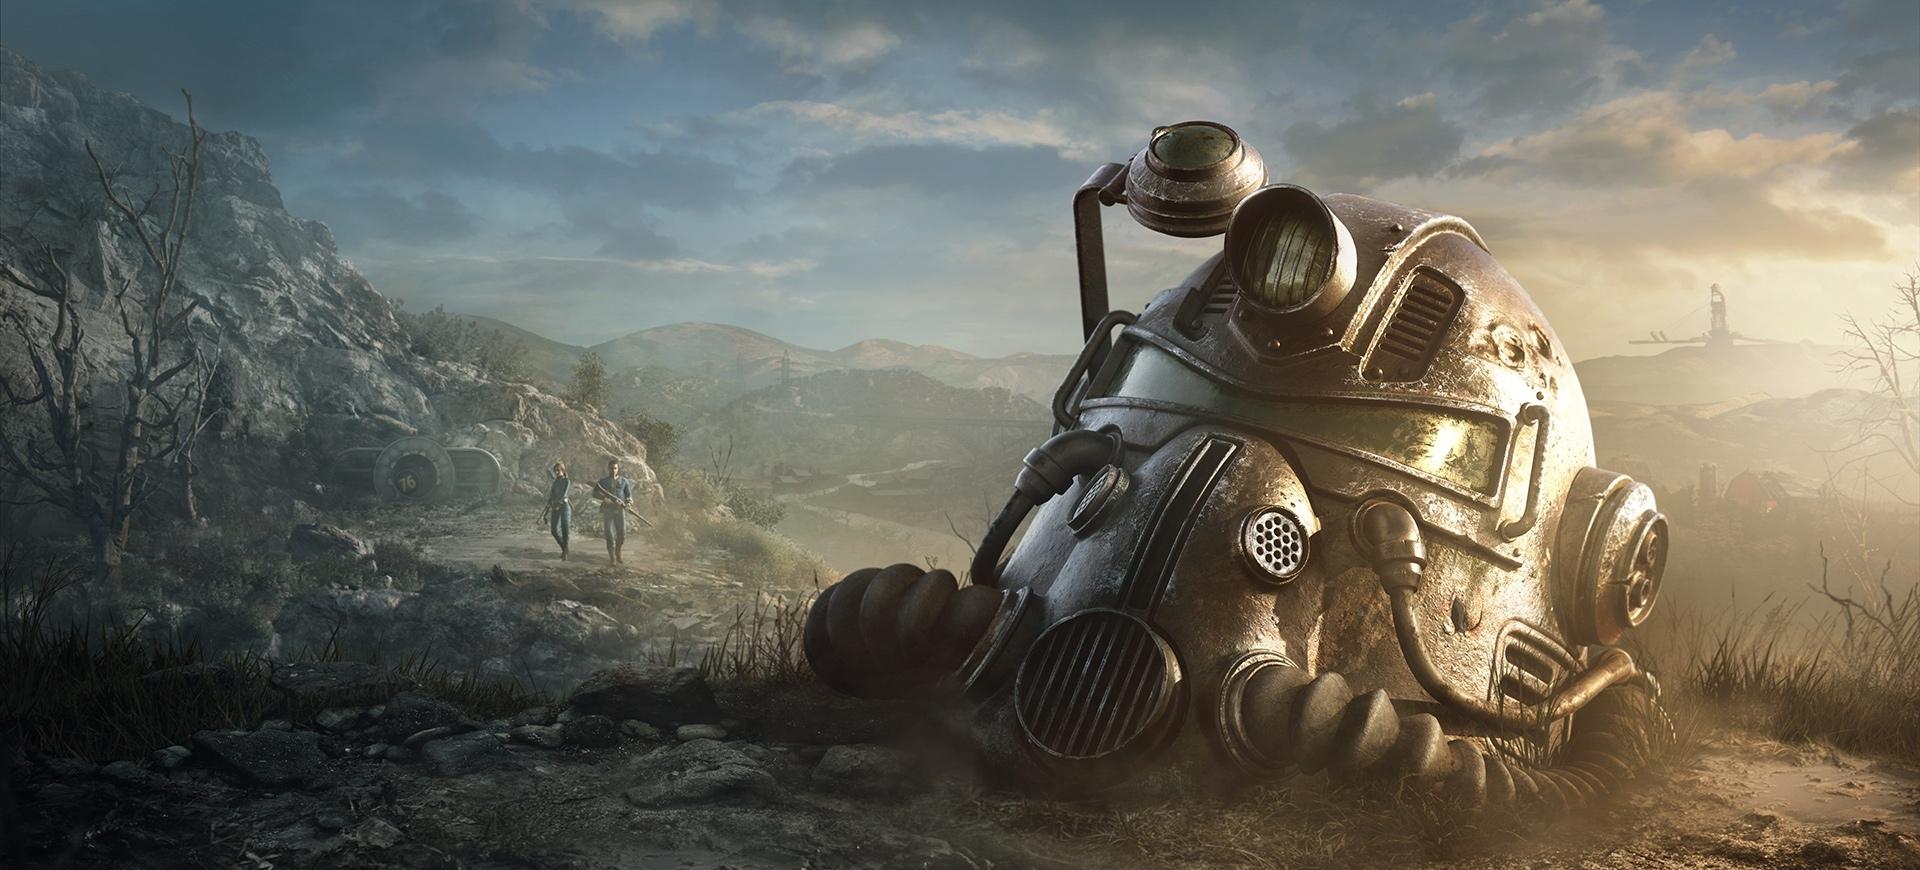 В Fallout76 героя будут мучить жажда и голод